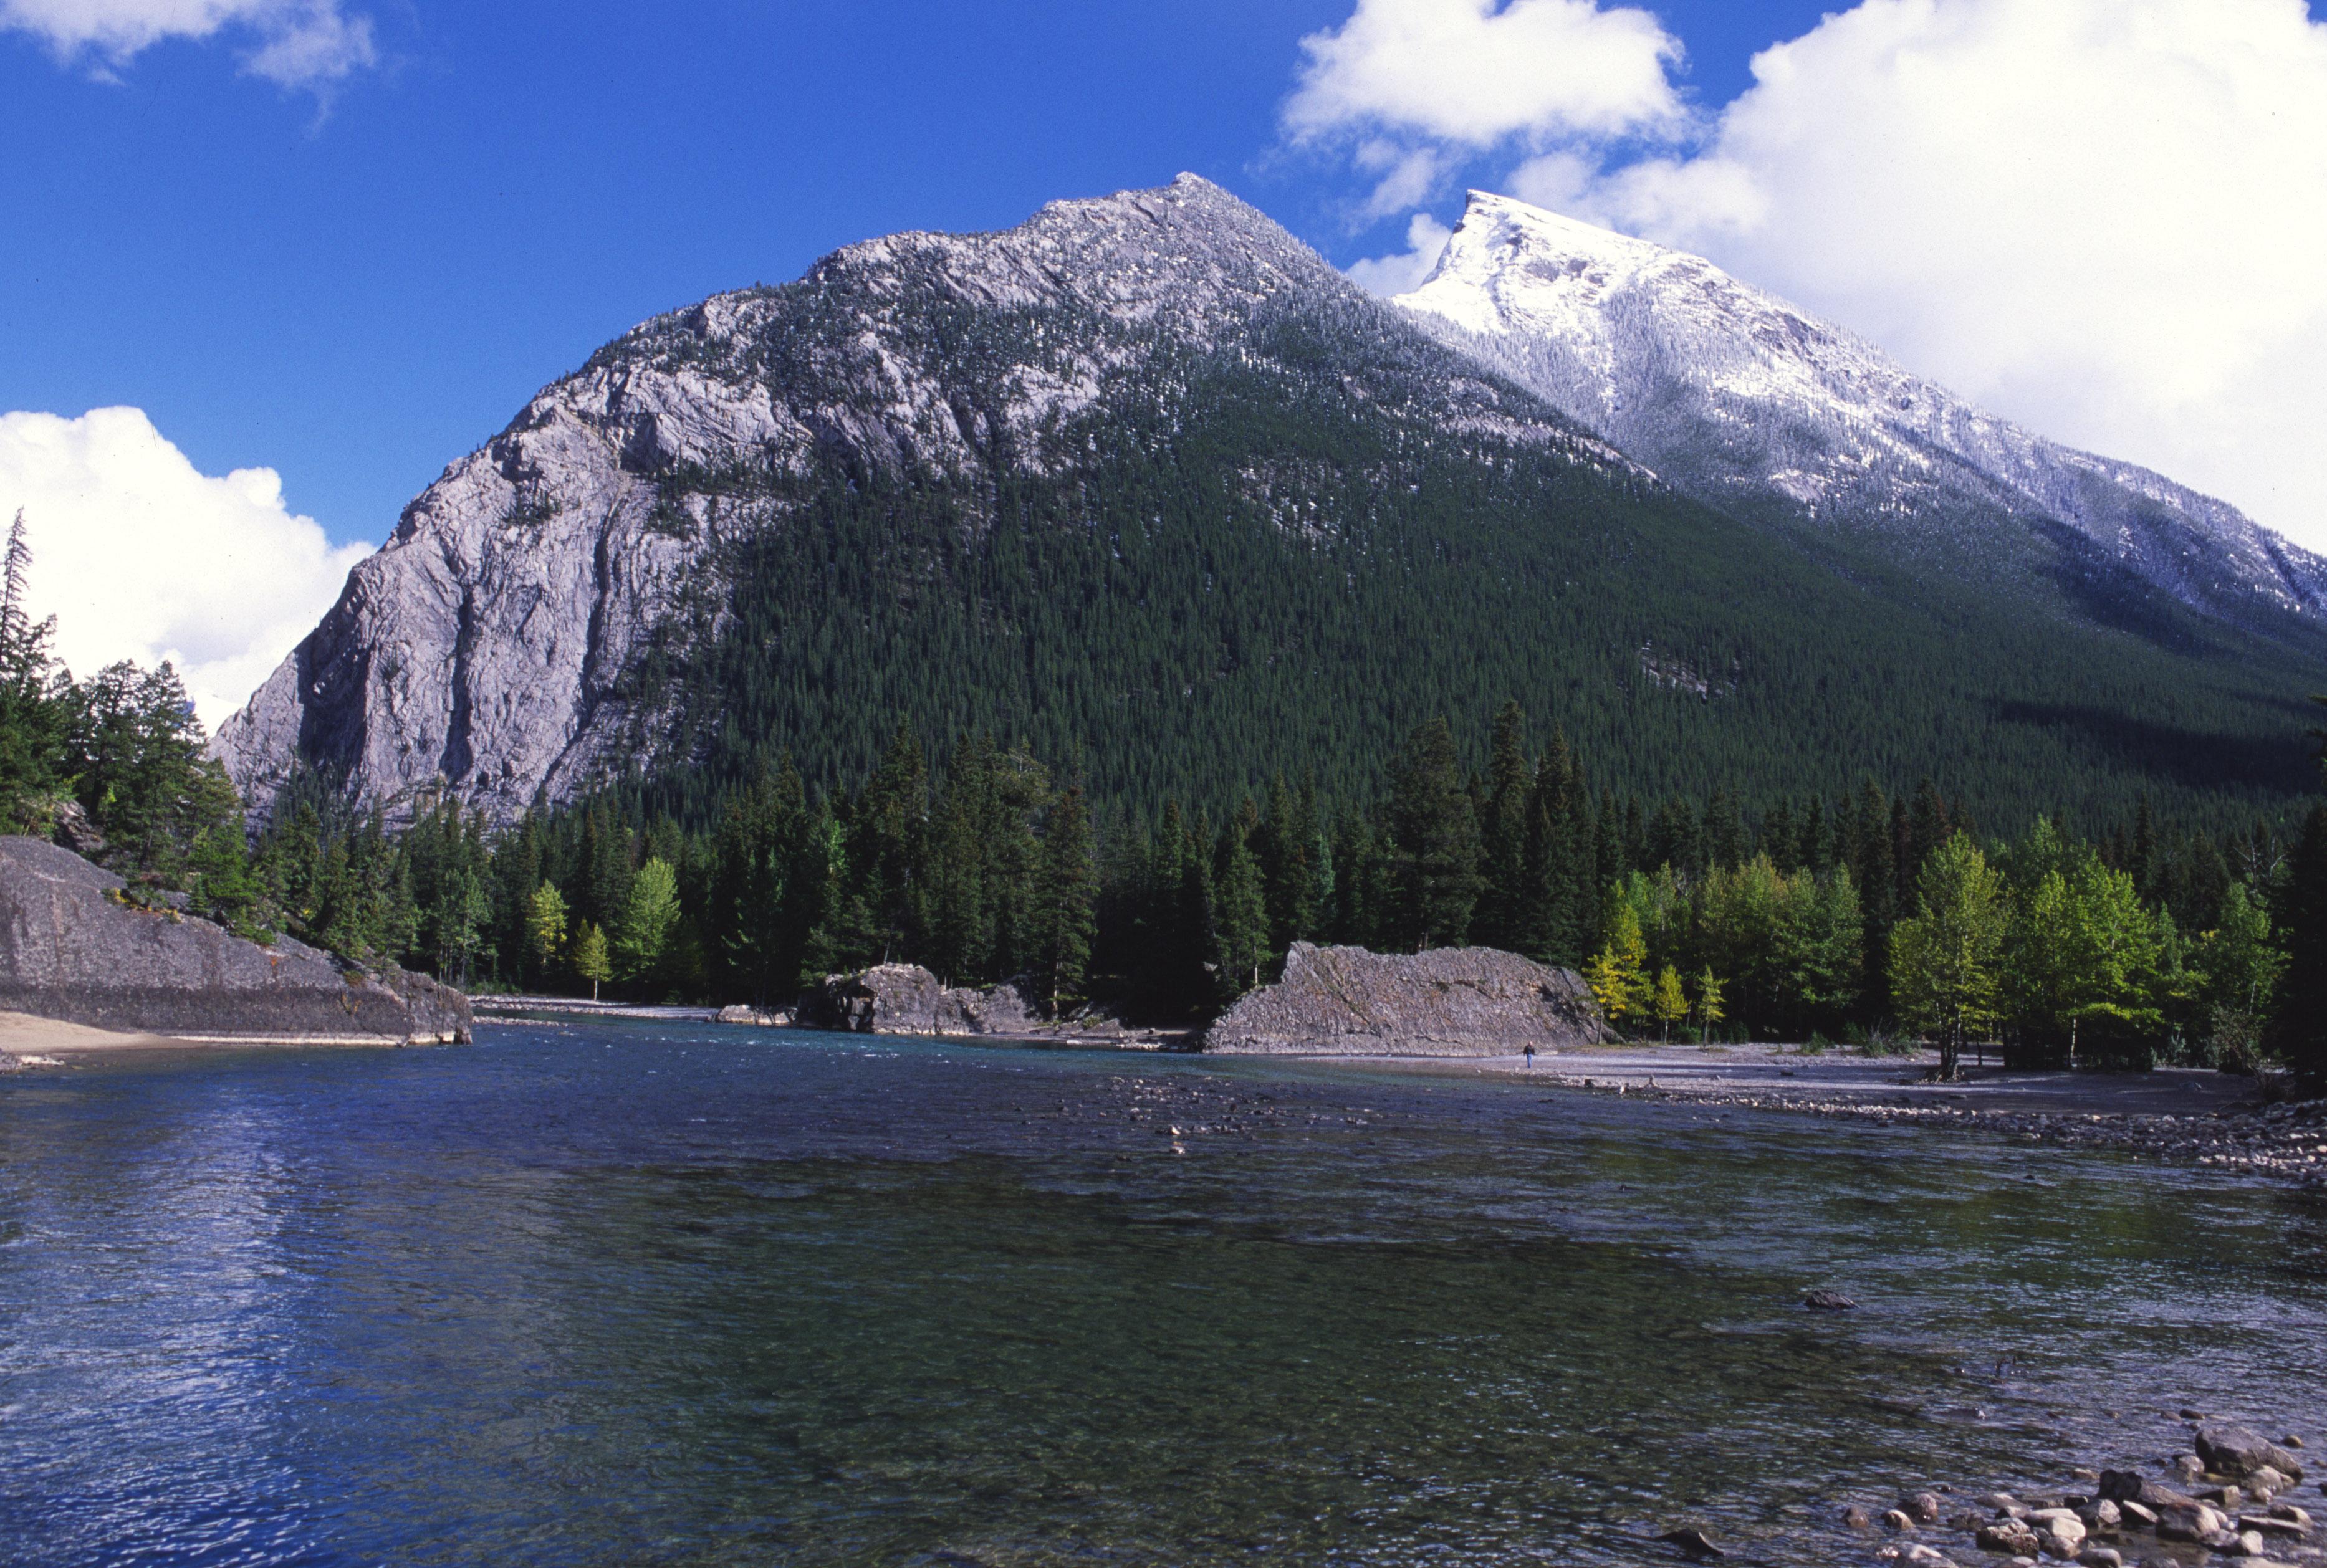 Mountain Across River